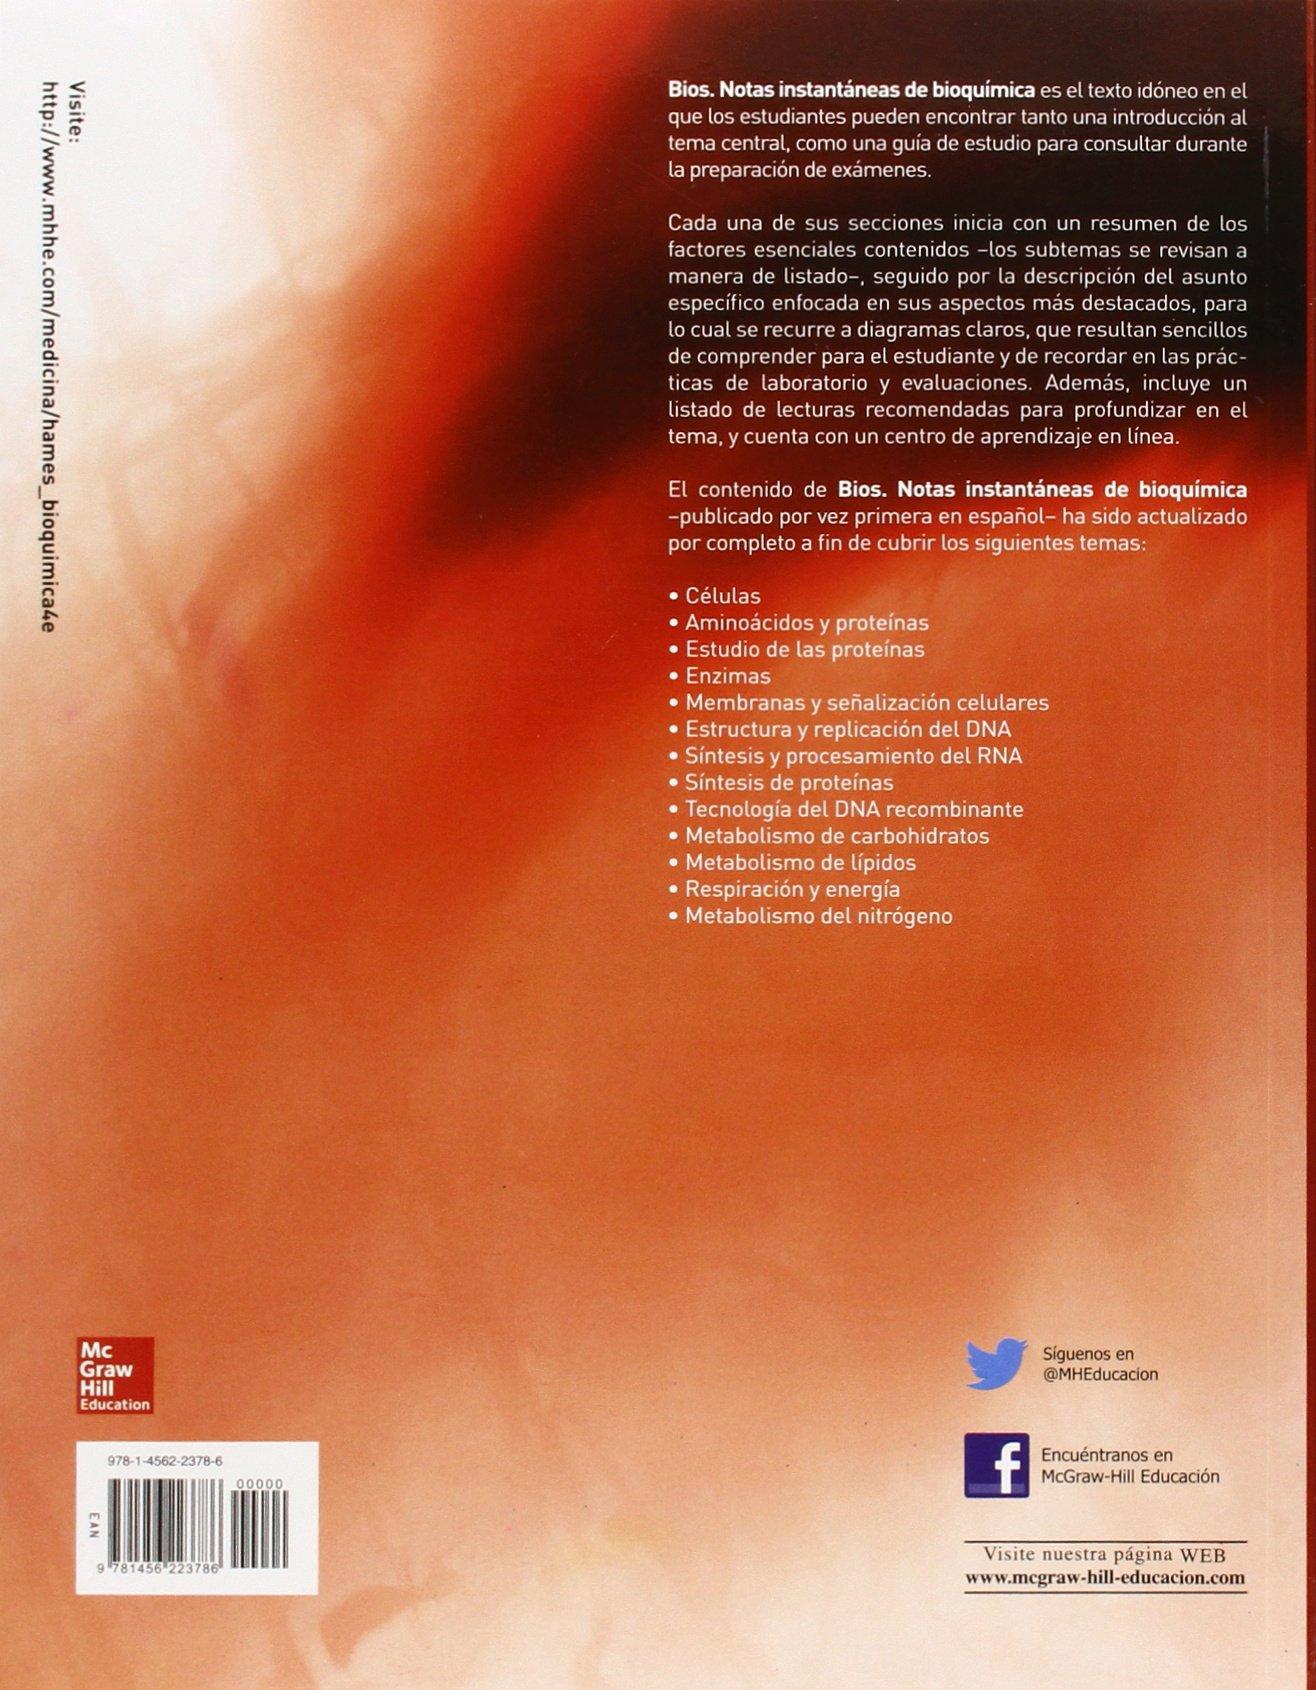 BIOS. NOTAS INSTANTANEAS DE BIOQUIMICA: Amazon.es: Hames ...